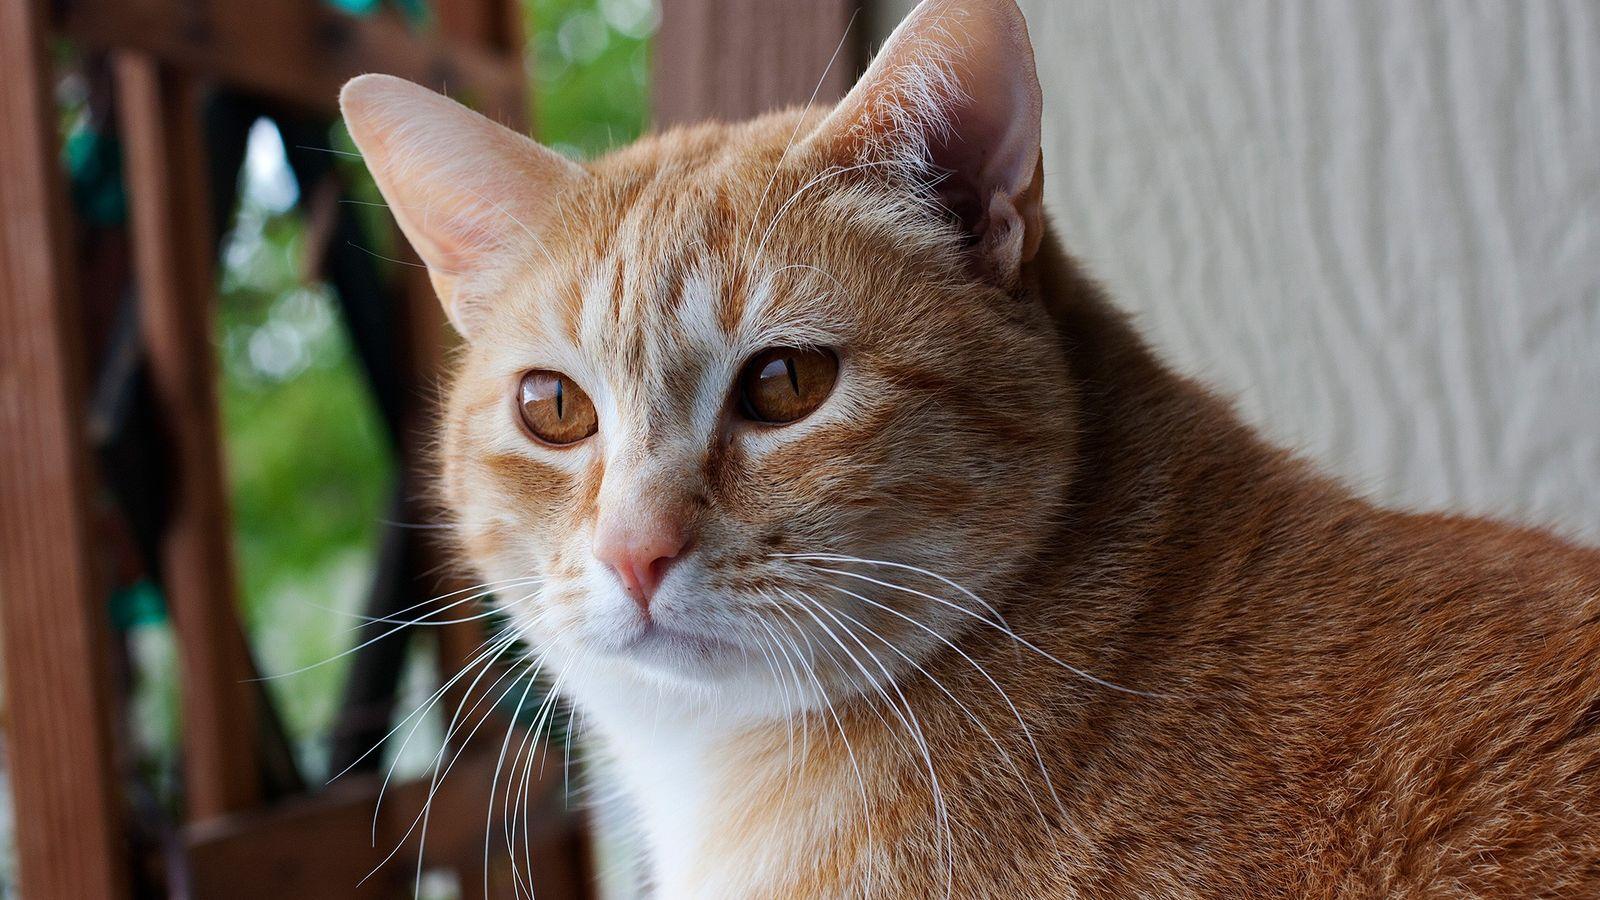 Los gatos vinculan sus nombres a recompensas, como la comida y las caricias.